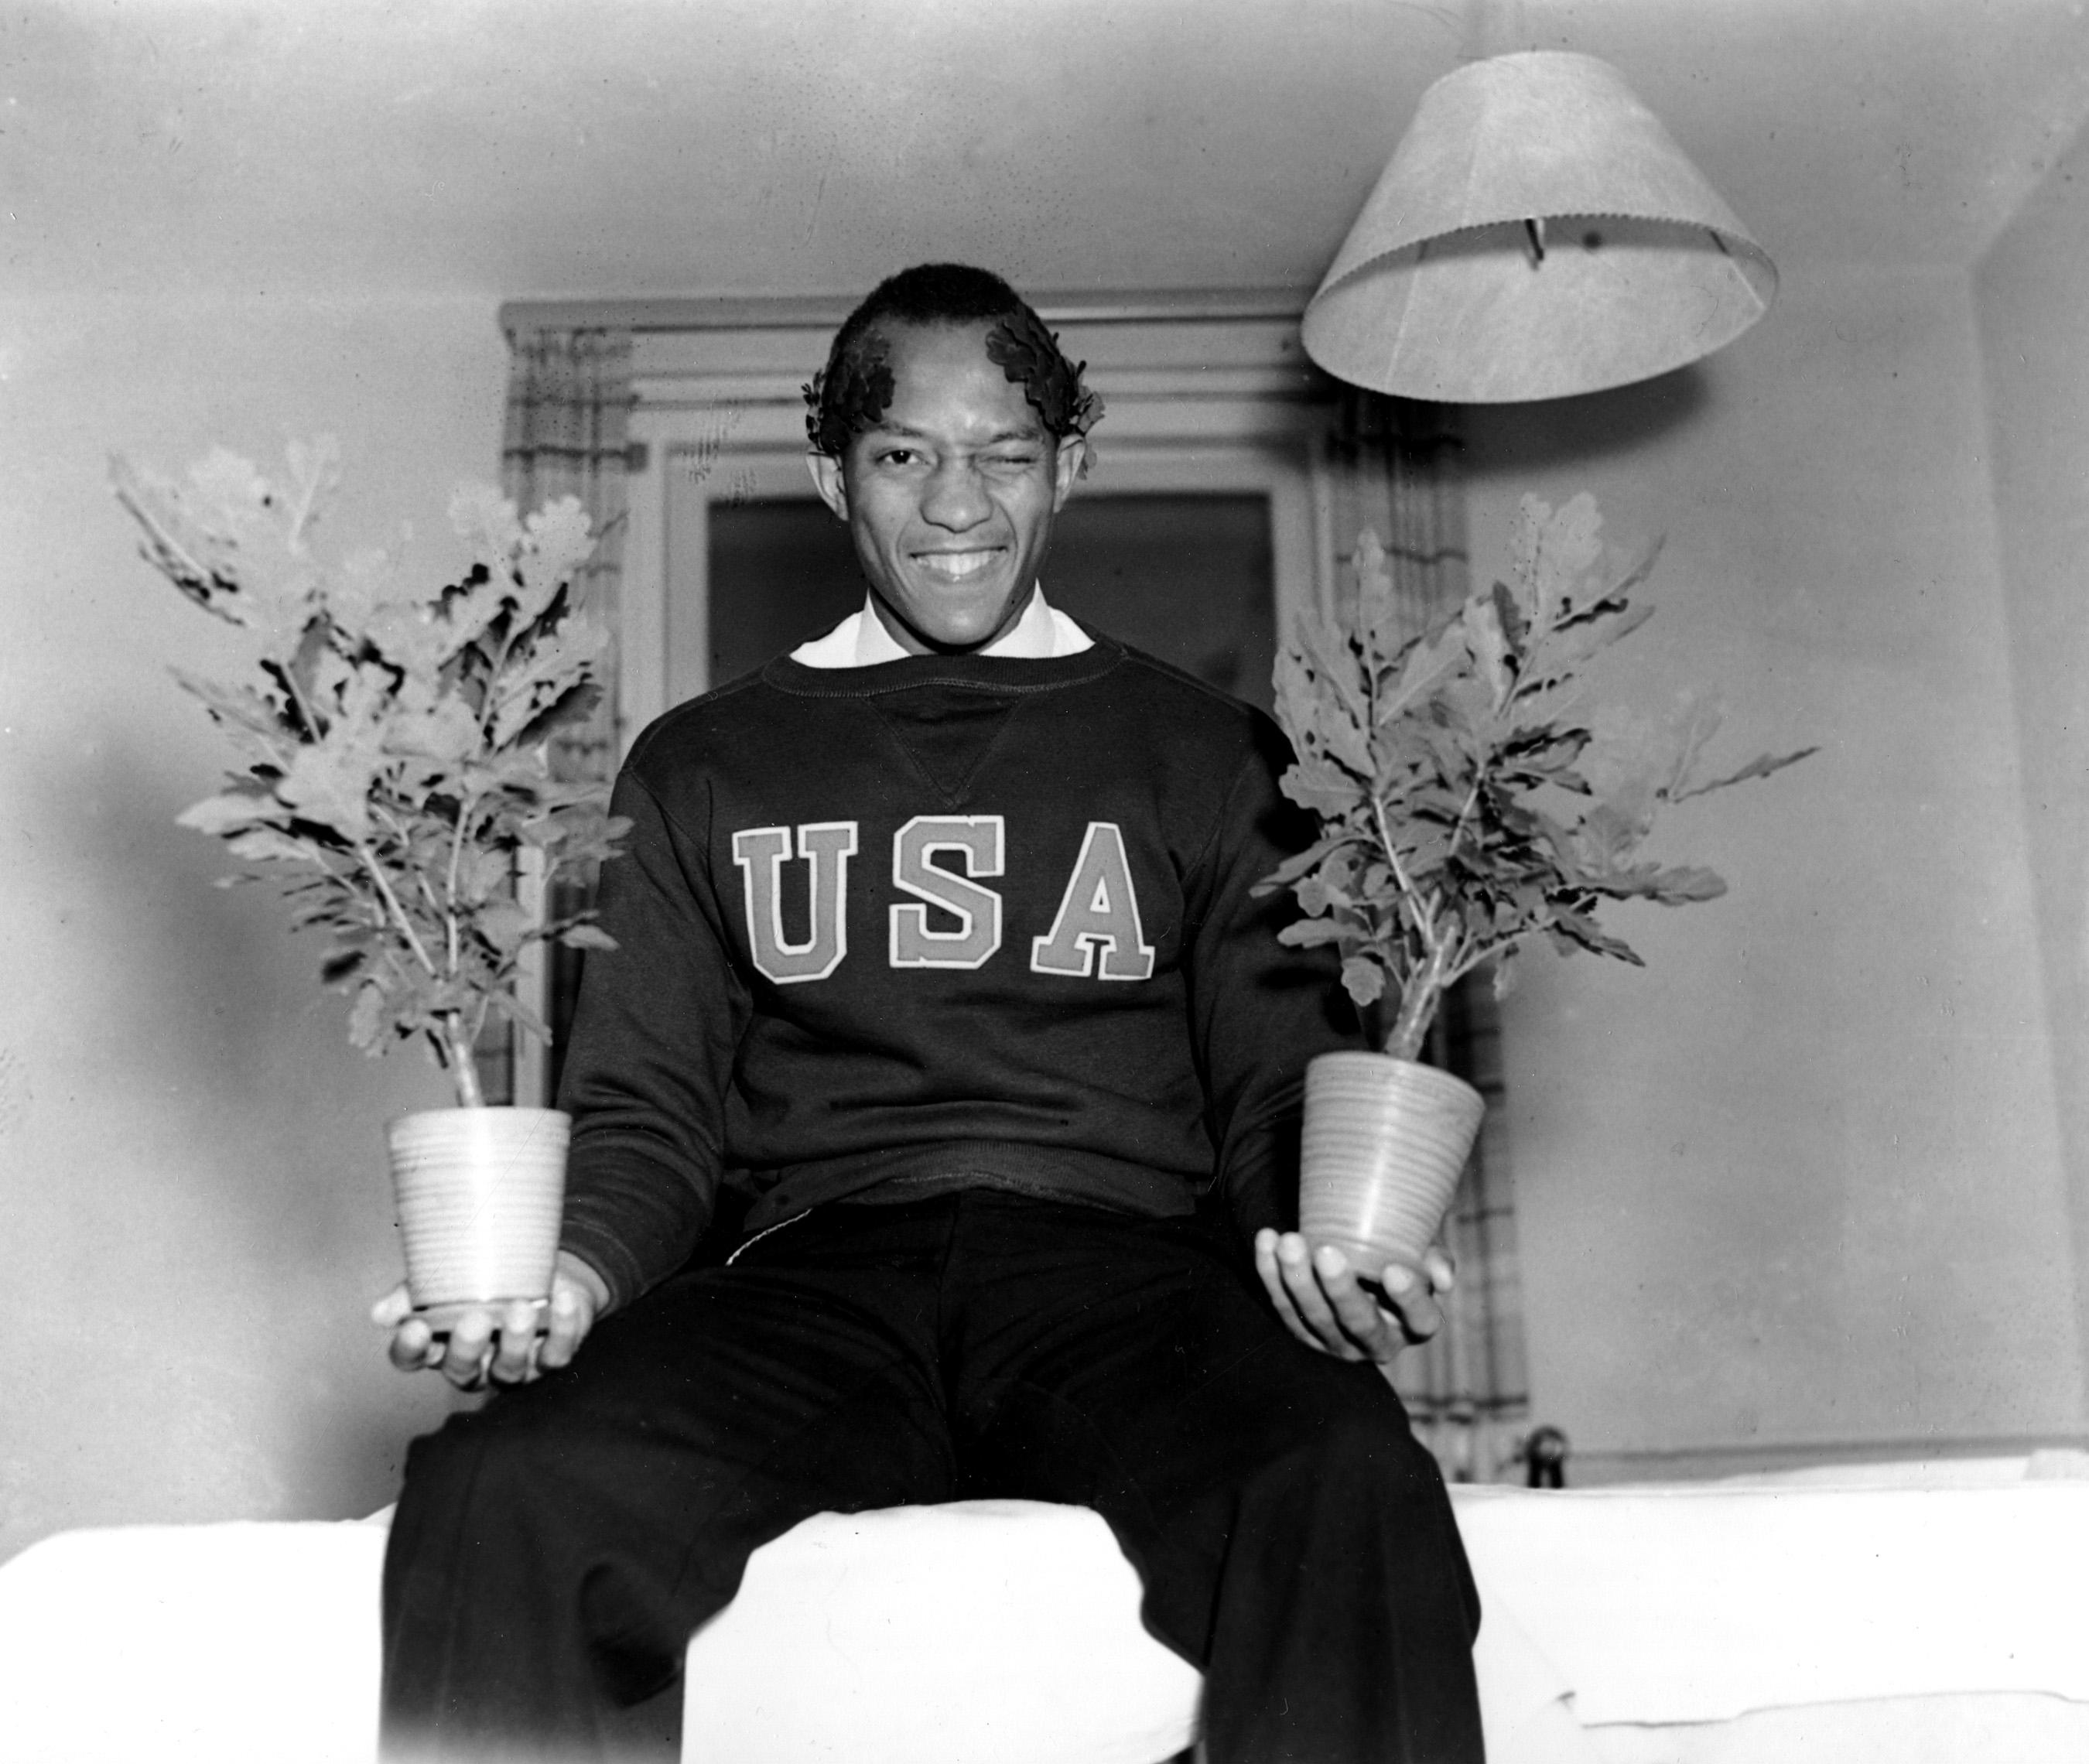 Amar A Muerte Capitulo 5: Histórico: Cuando Jesse Owens Humilló A Hitler En Los